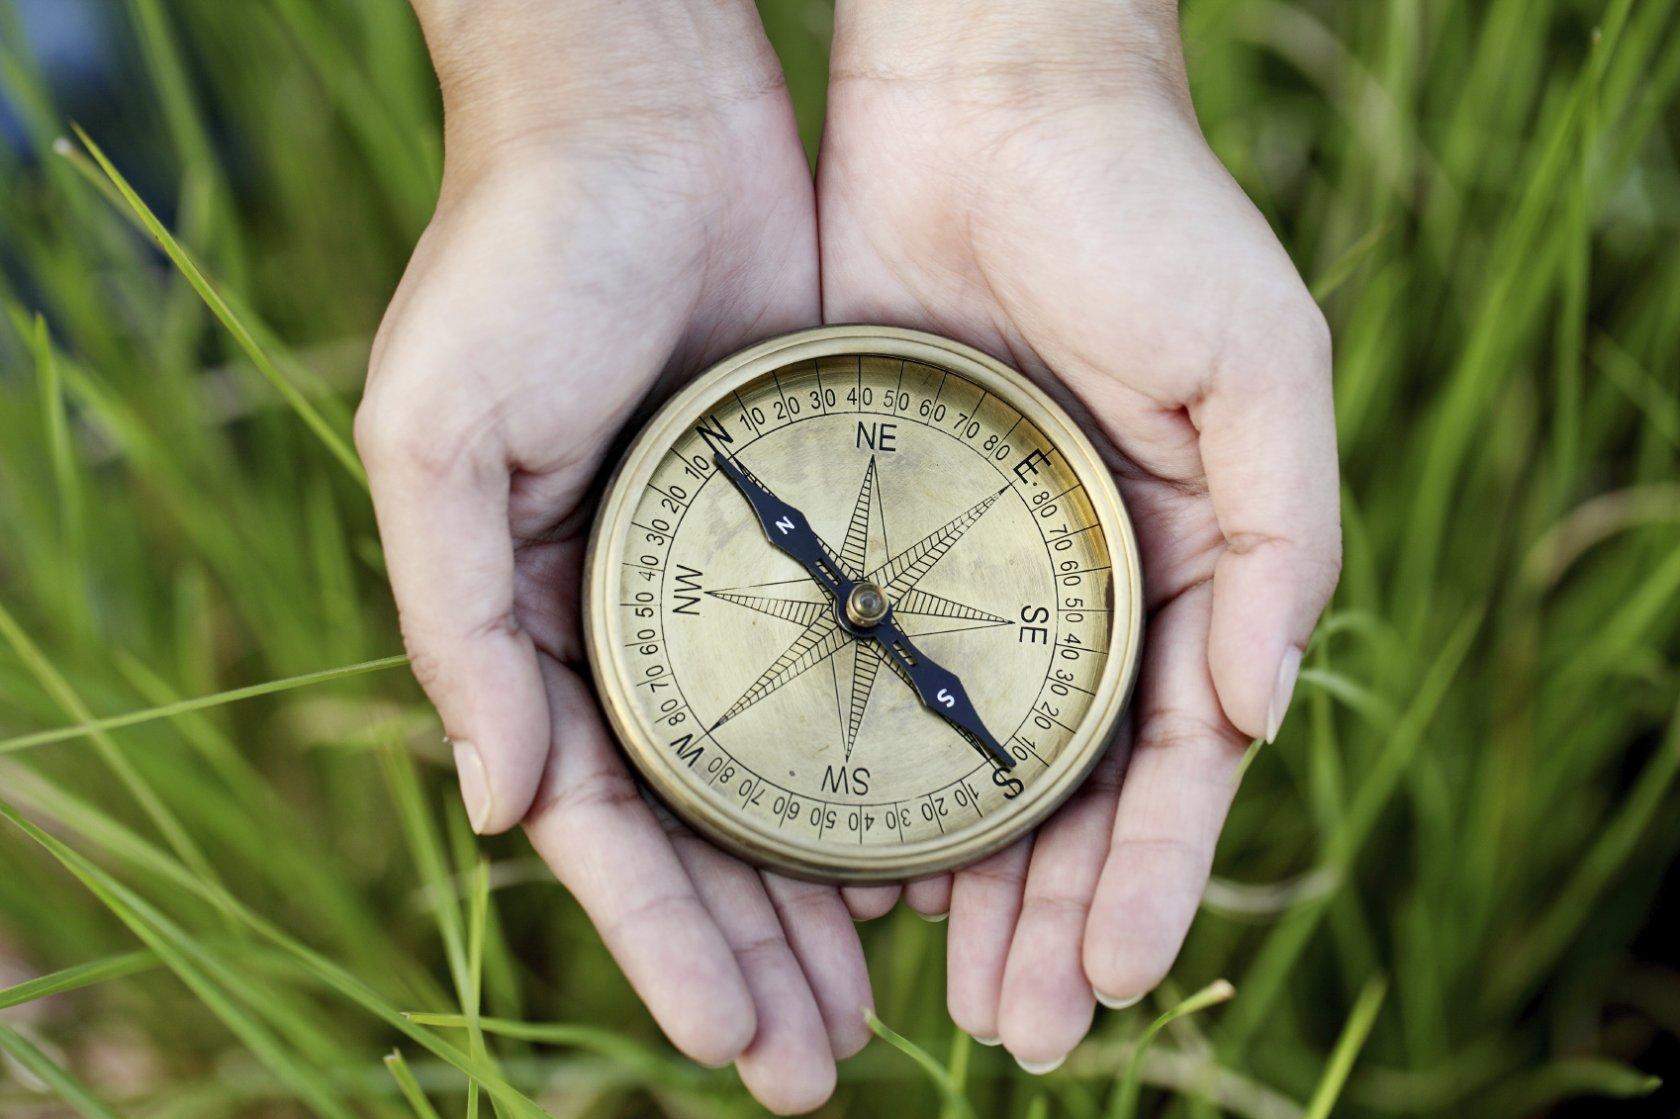 ВИДЕО : Как сделать компас своими руками - Лайфхакер 63